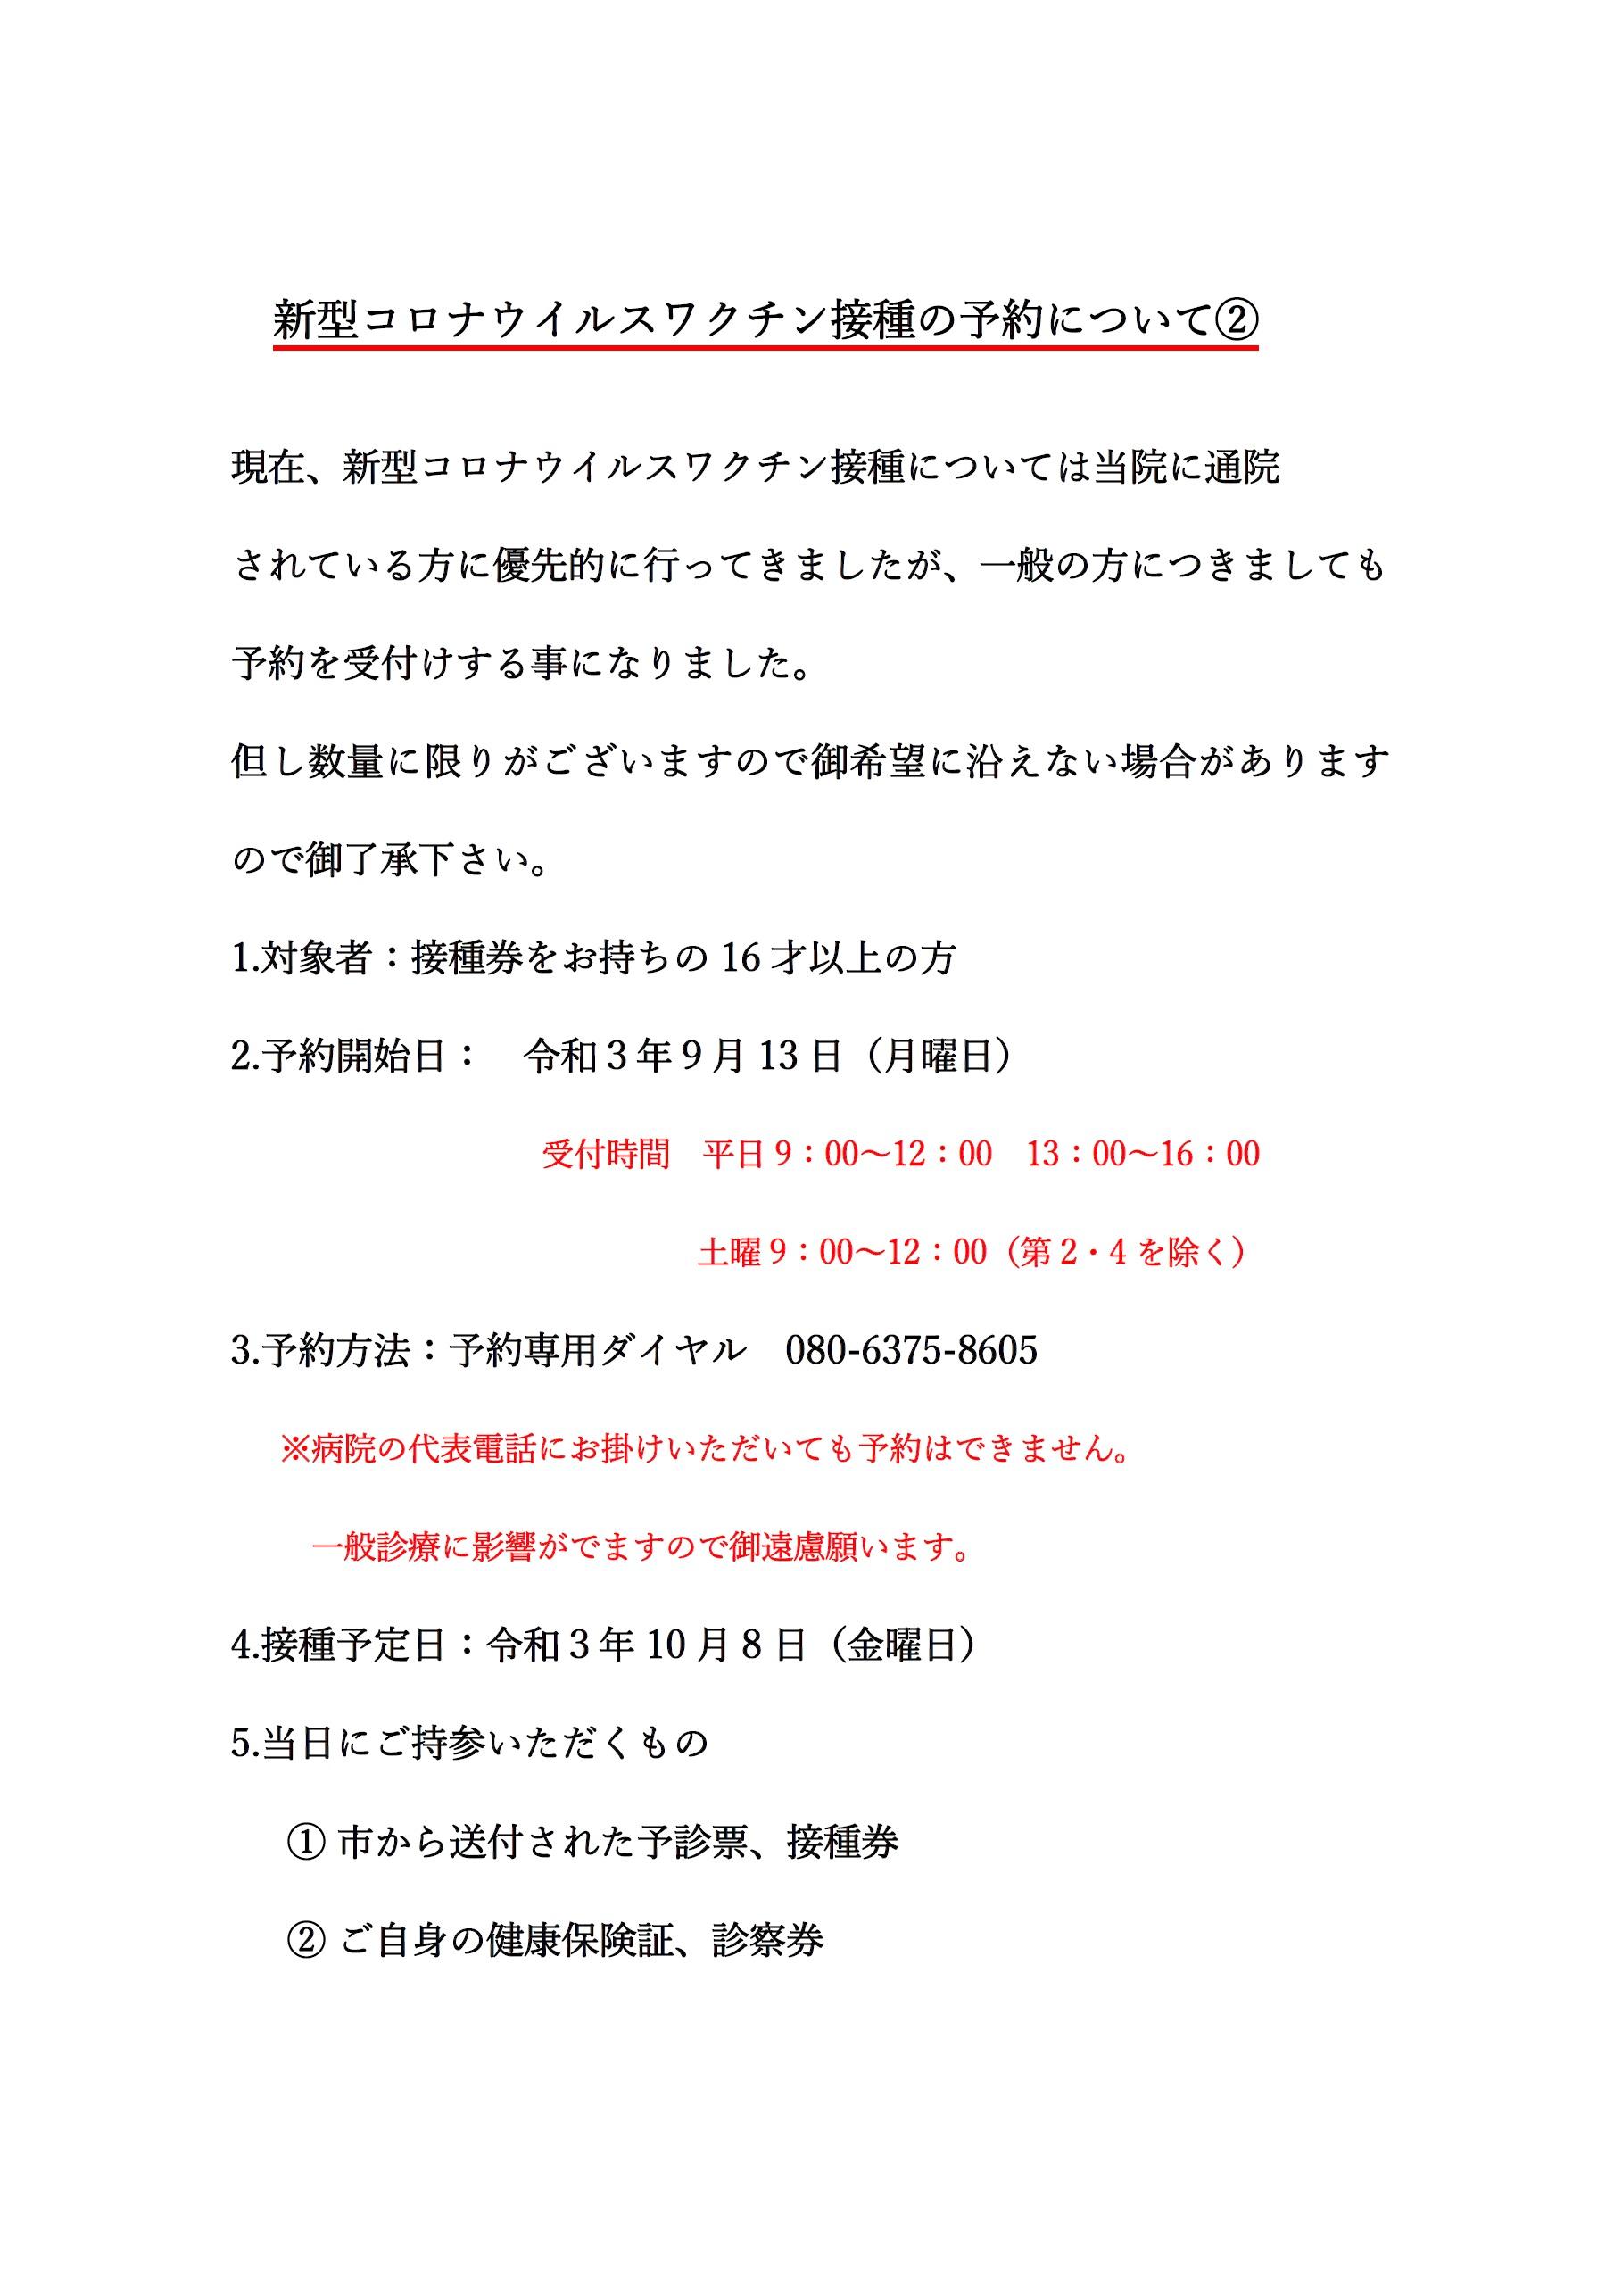 ワクチン接種の予約について②.jpg